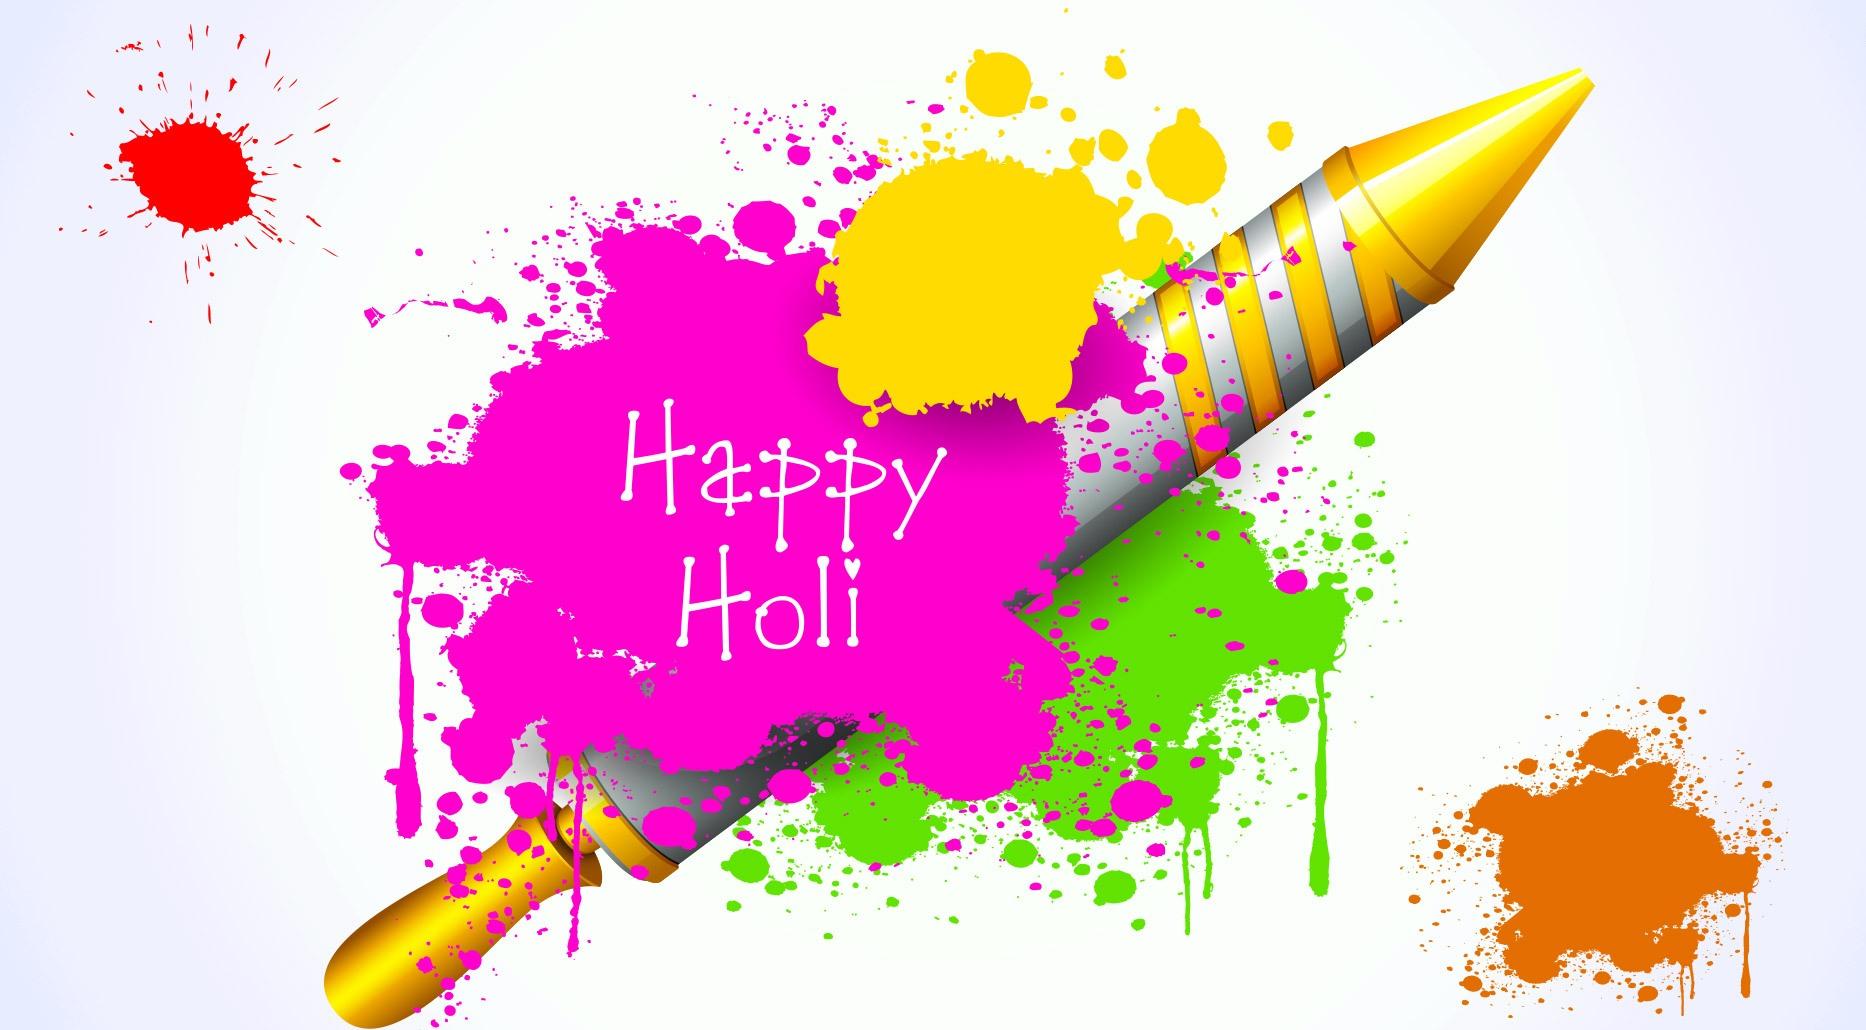 Best Happy Holi Wallpapers HD 2016 Desktop Holi Wallpapers 1866x1030